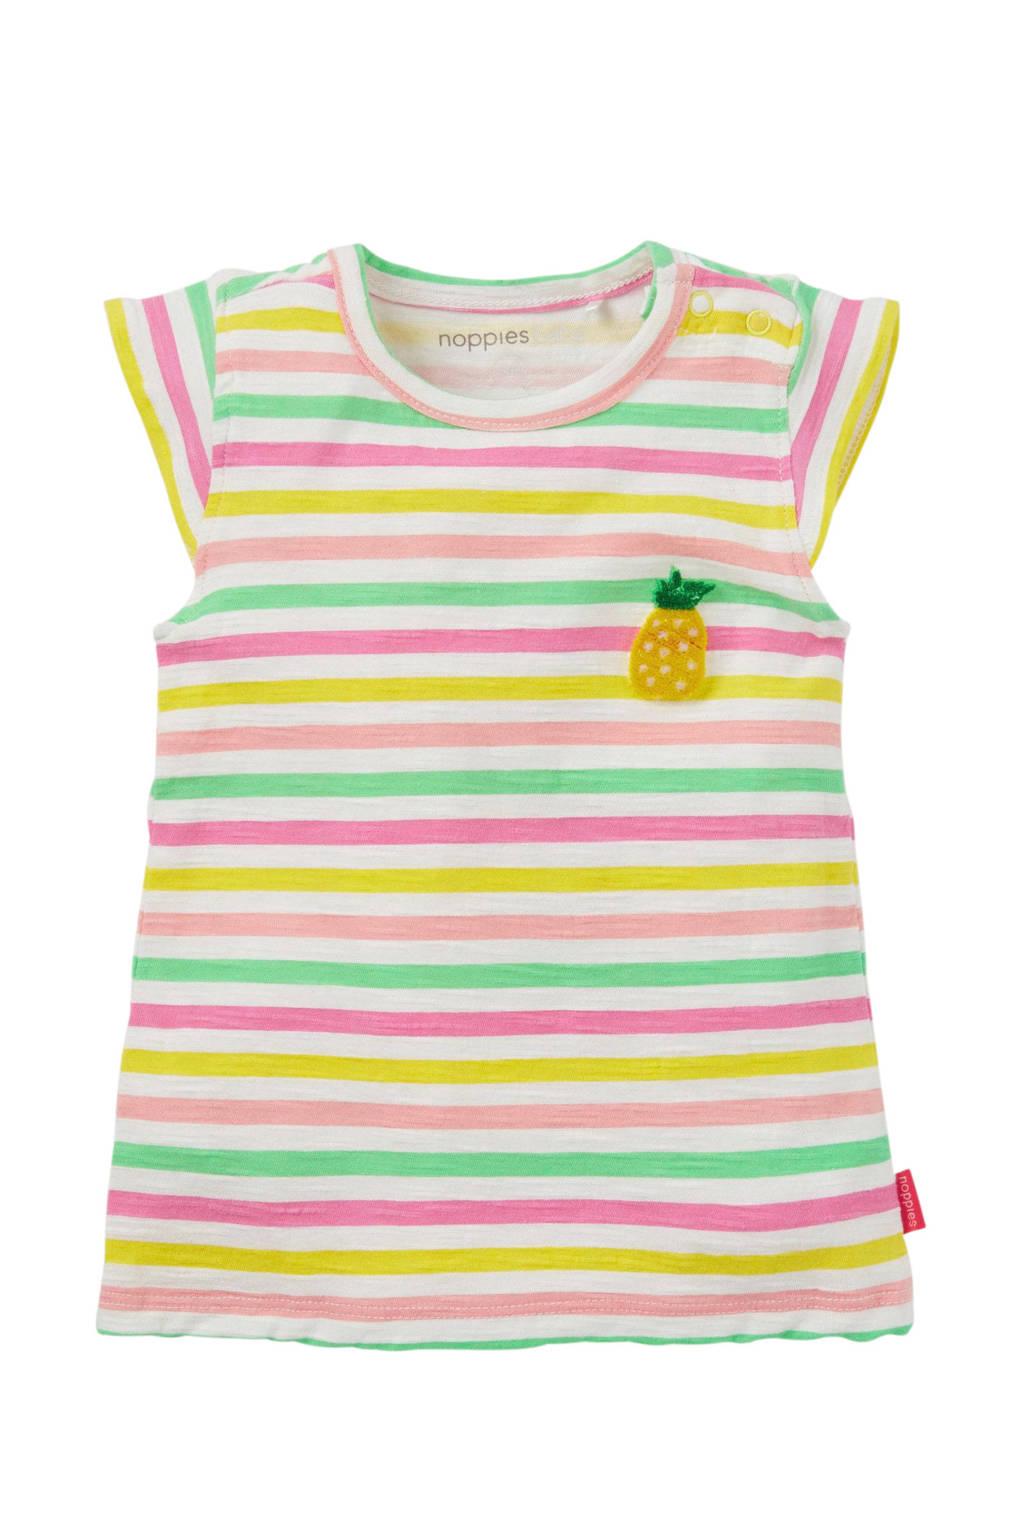 Noppies baby jurk gestreept Sherwood, Geel/ Groen/ roze/ wit